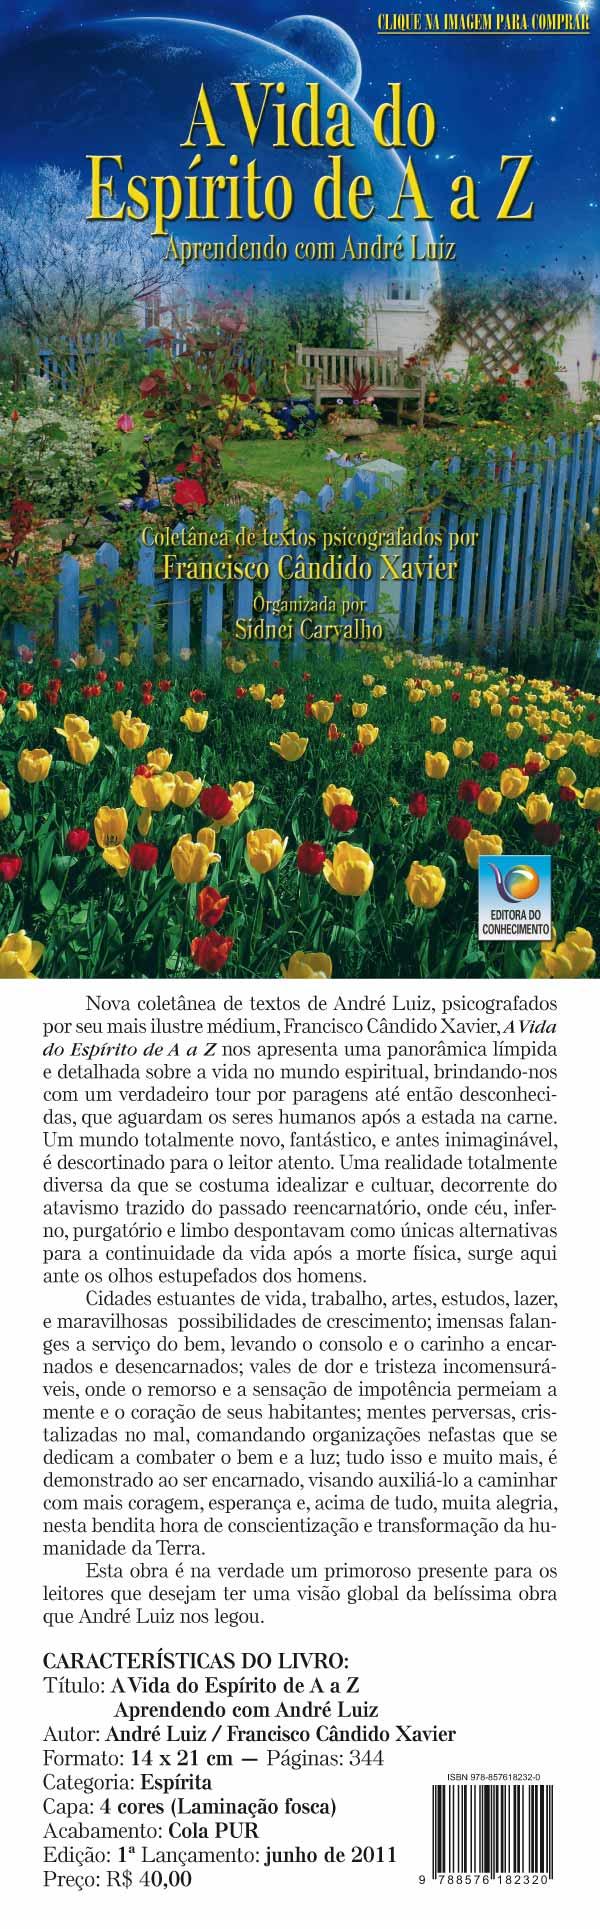 anuncio_a_vida_do_espirito.jpg